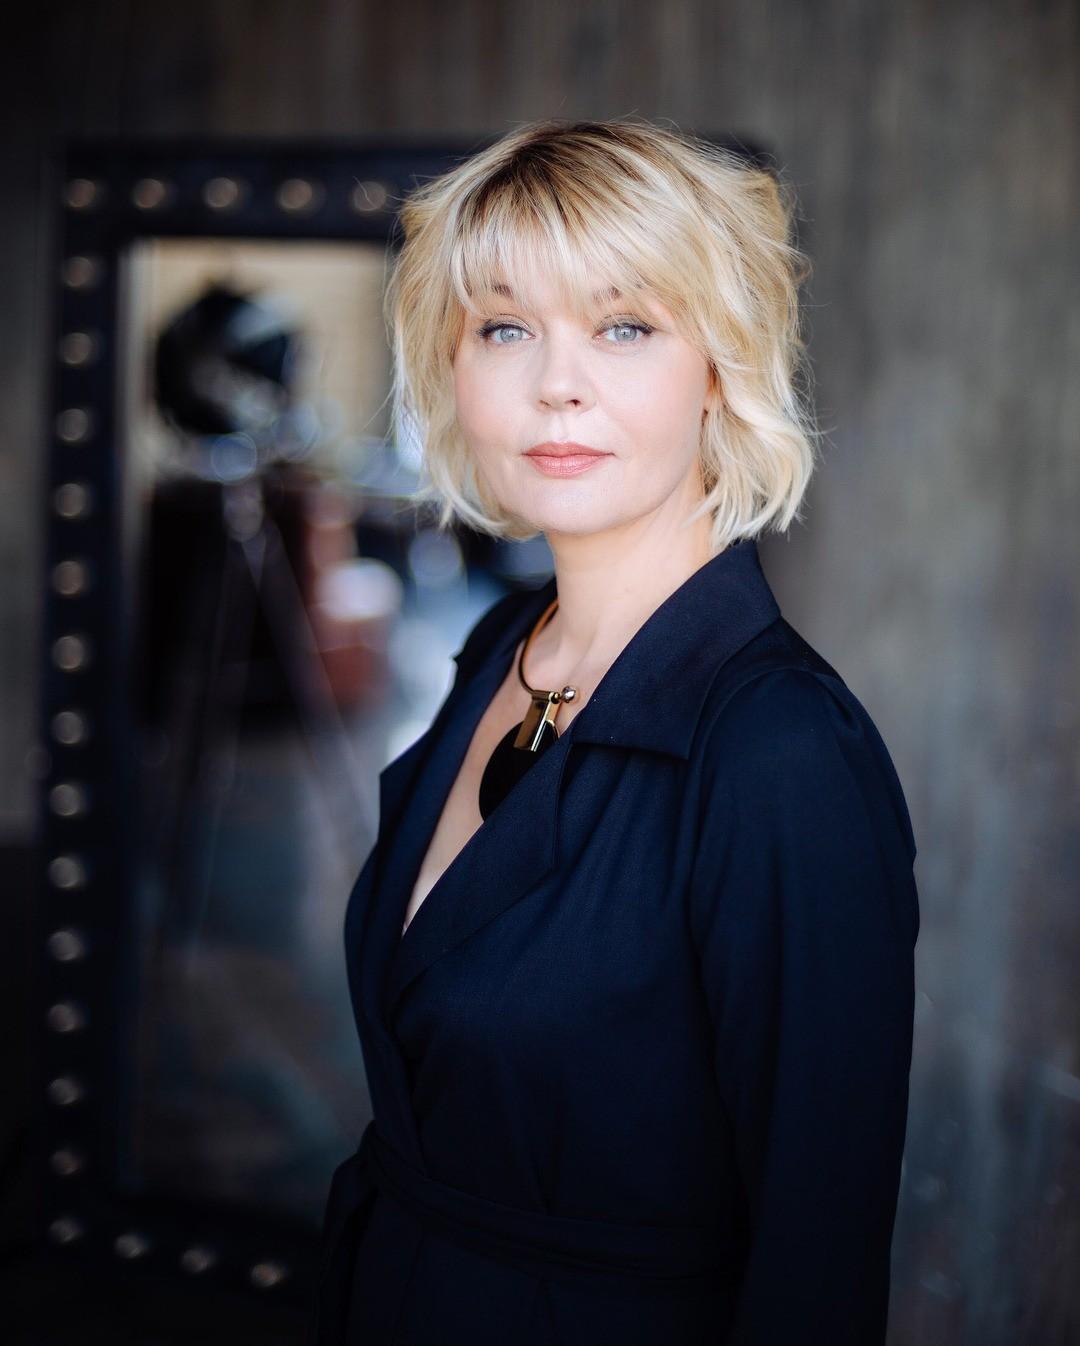 Юлия Меньшова показала, какая внешность помогла ей заполучить славу 25 лет назад